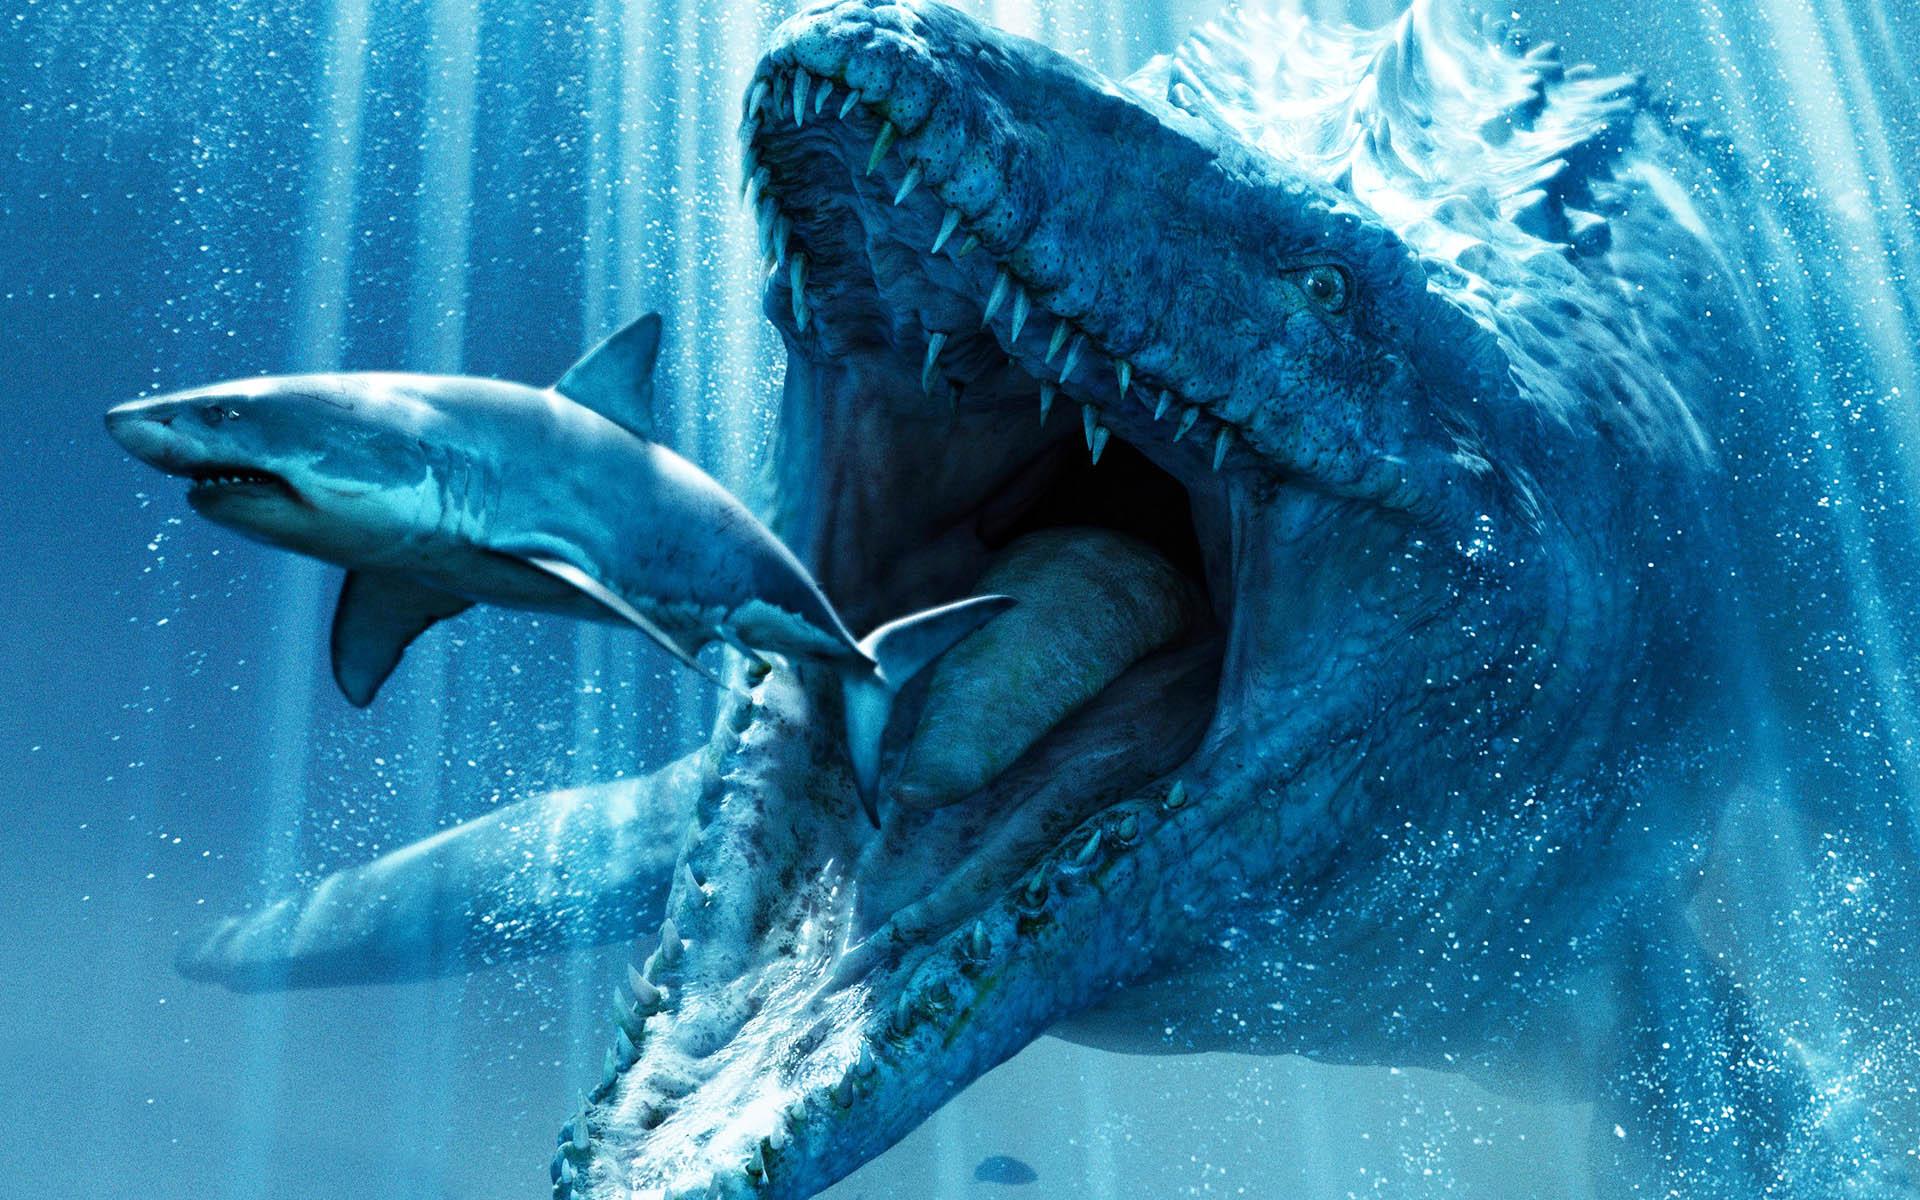 Underwater Dinosaurs in Jurassic World